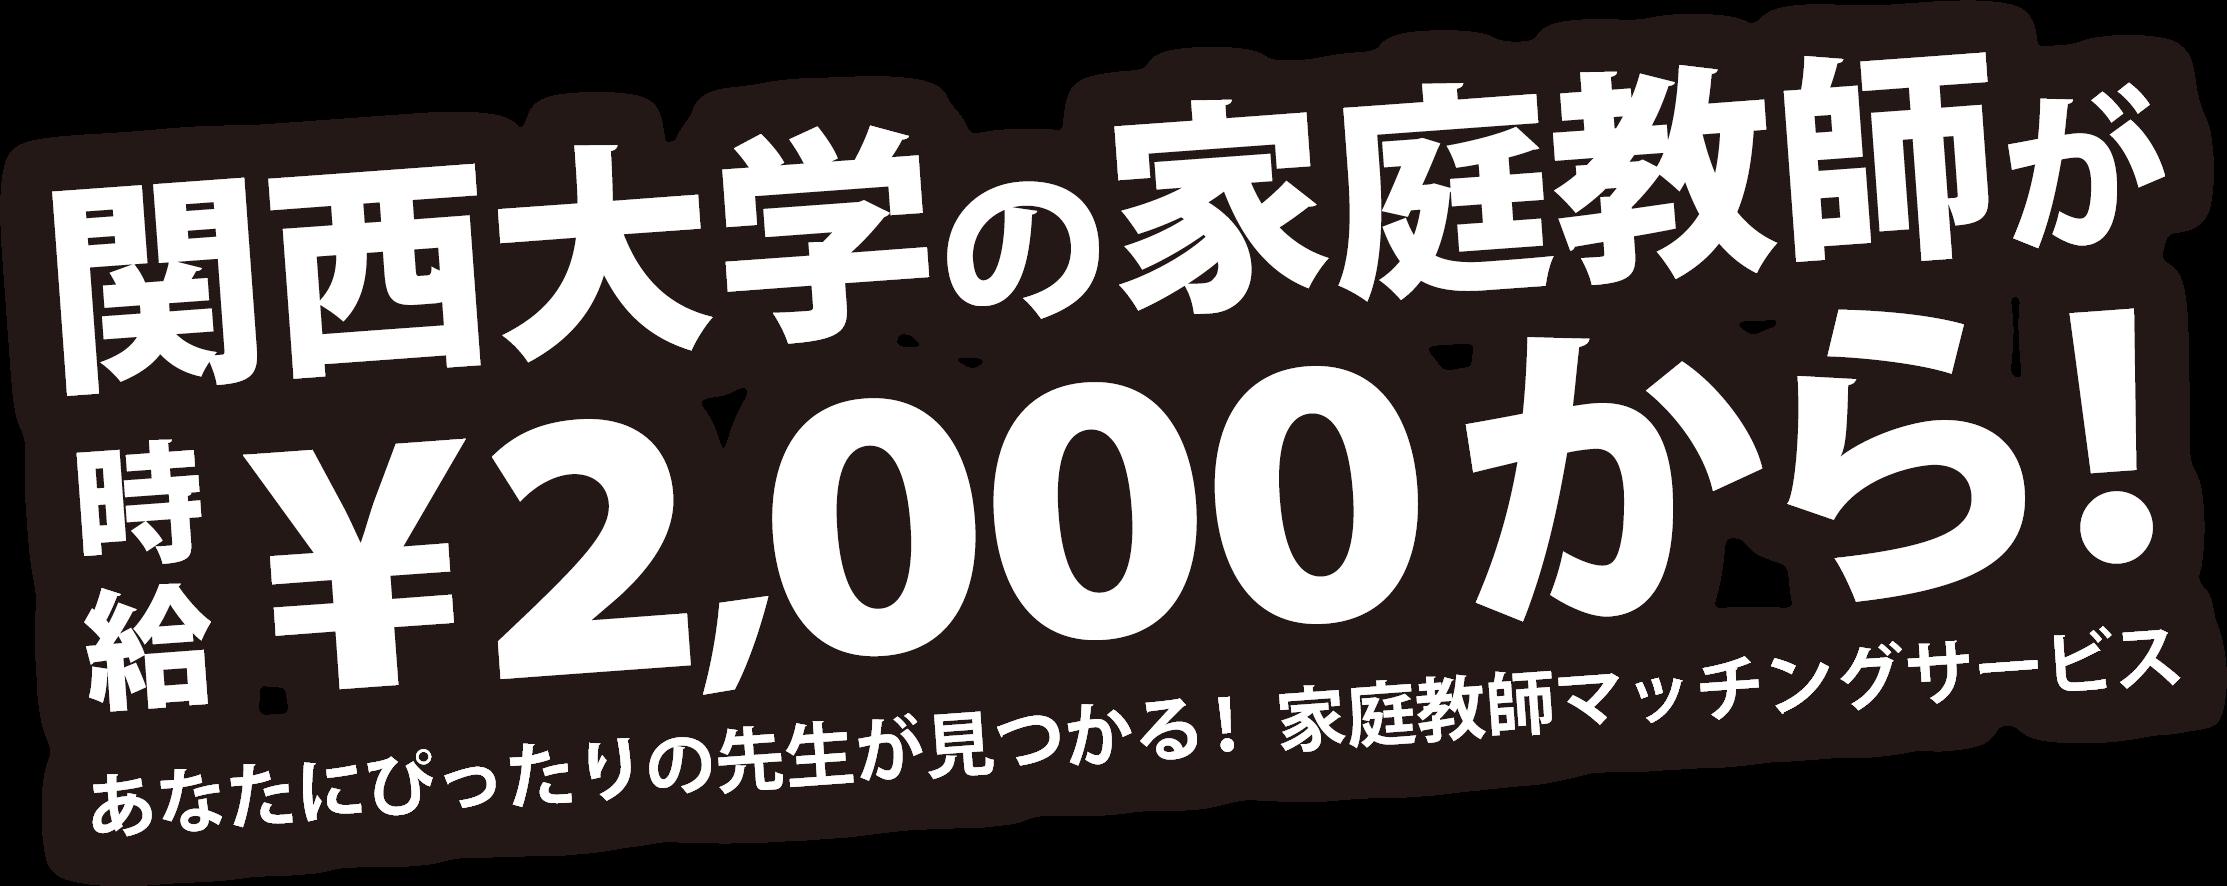 関西大学の家庭教師が時給¥2,000から!あなたにぴったりの先生が見つかる!家庭教師マッチングサービス